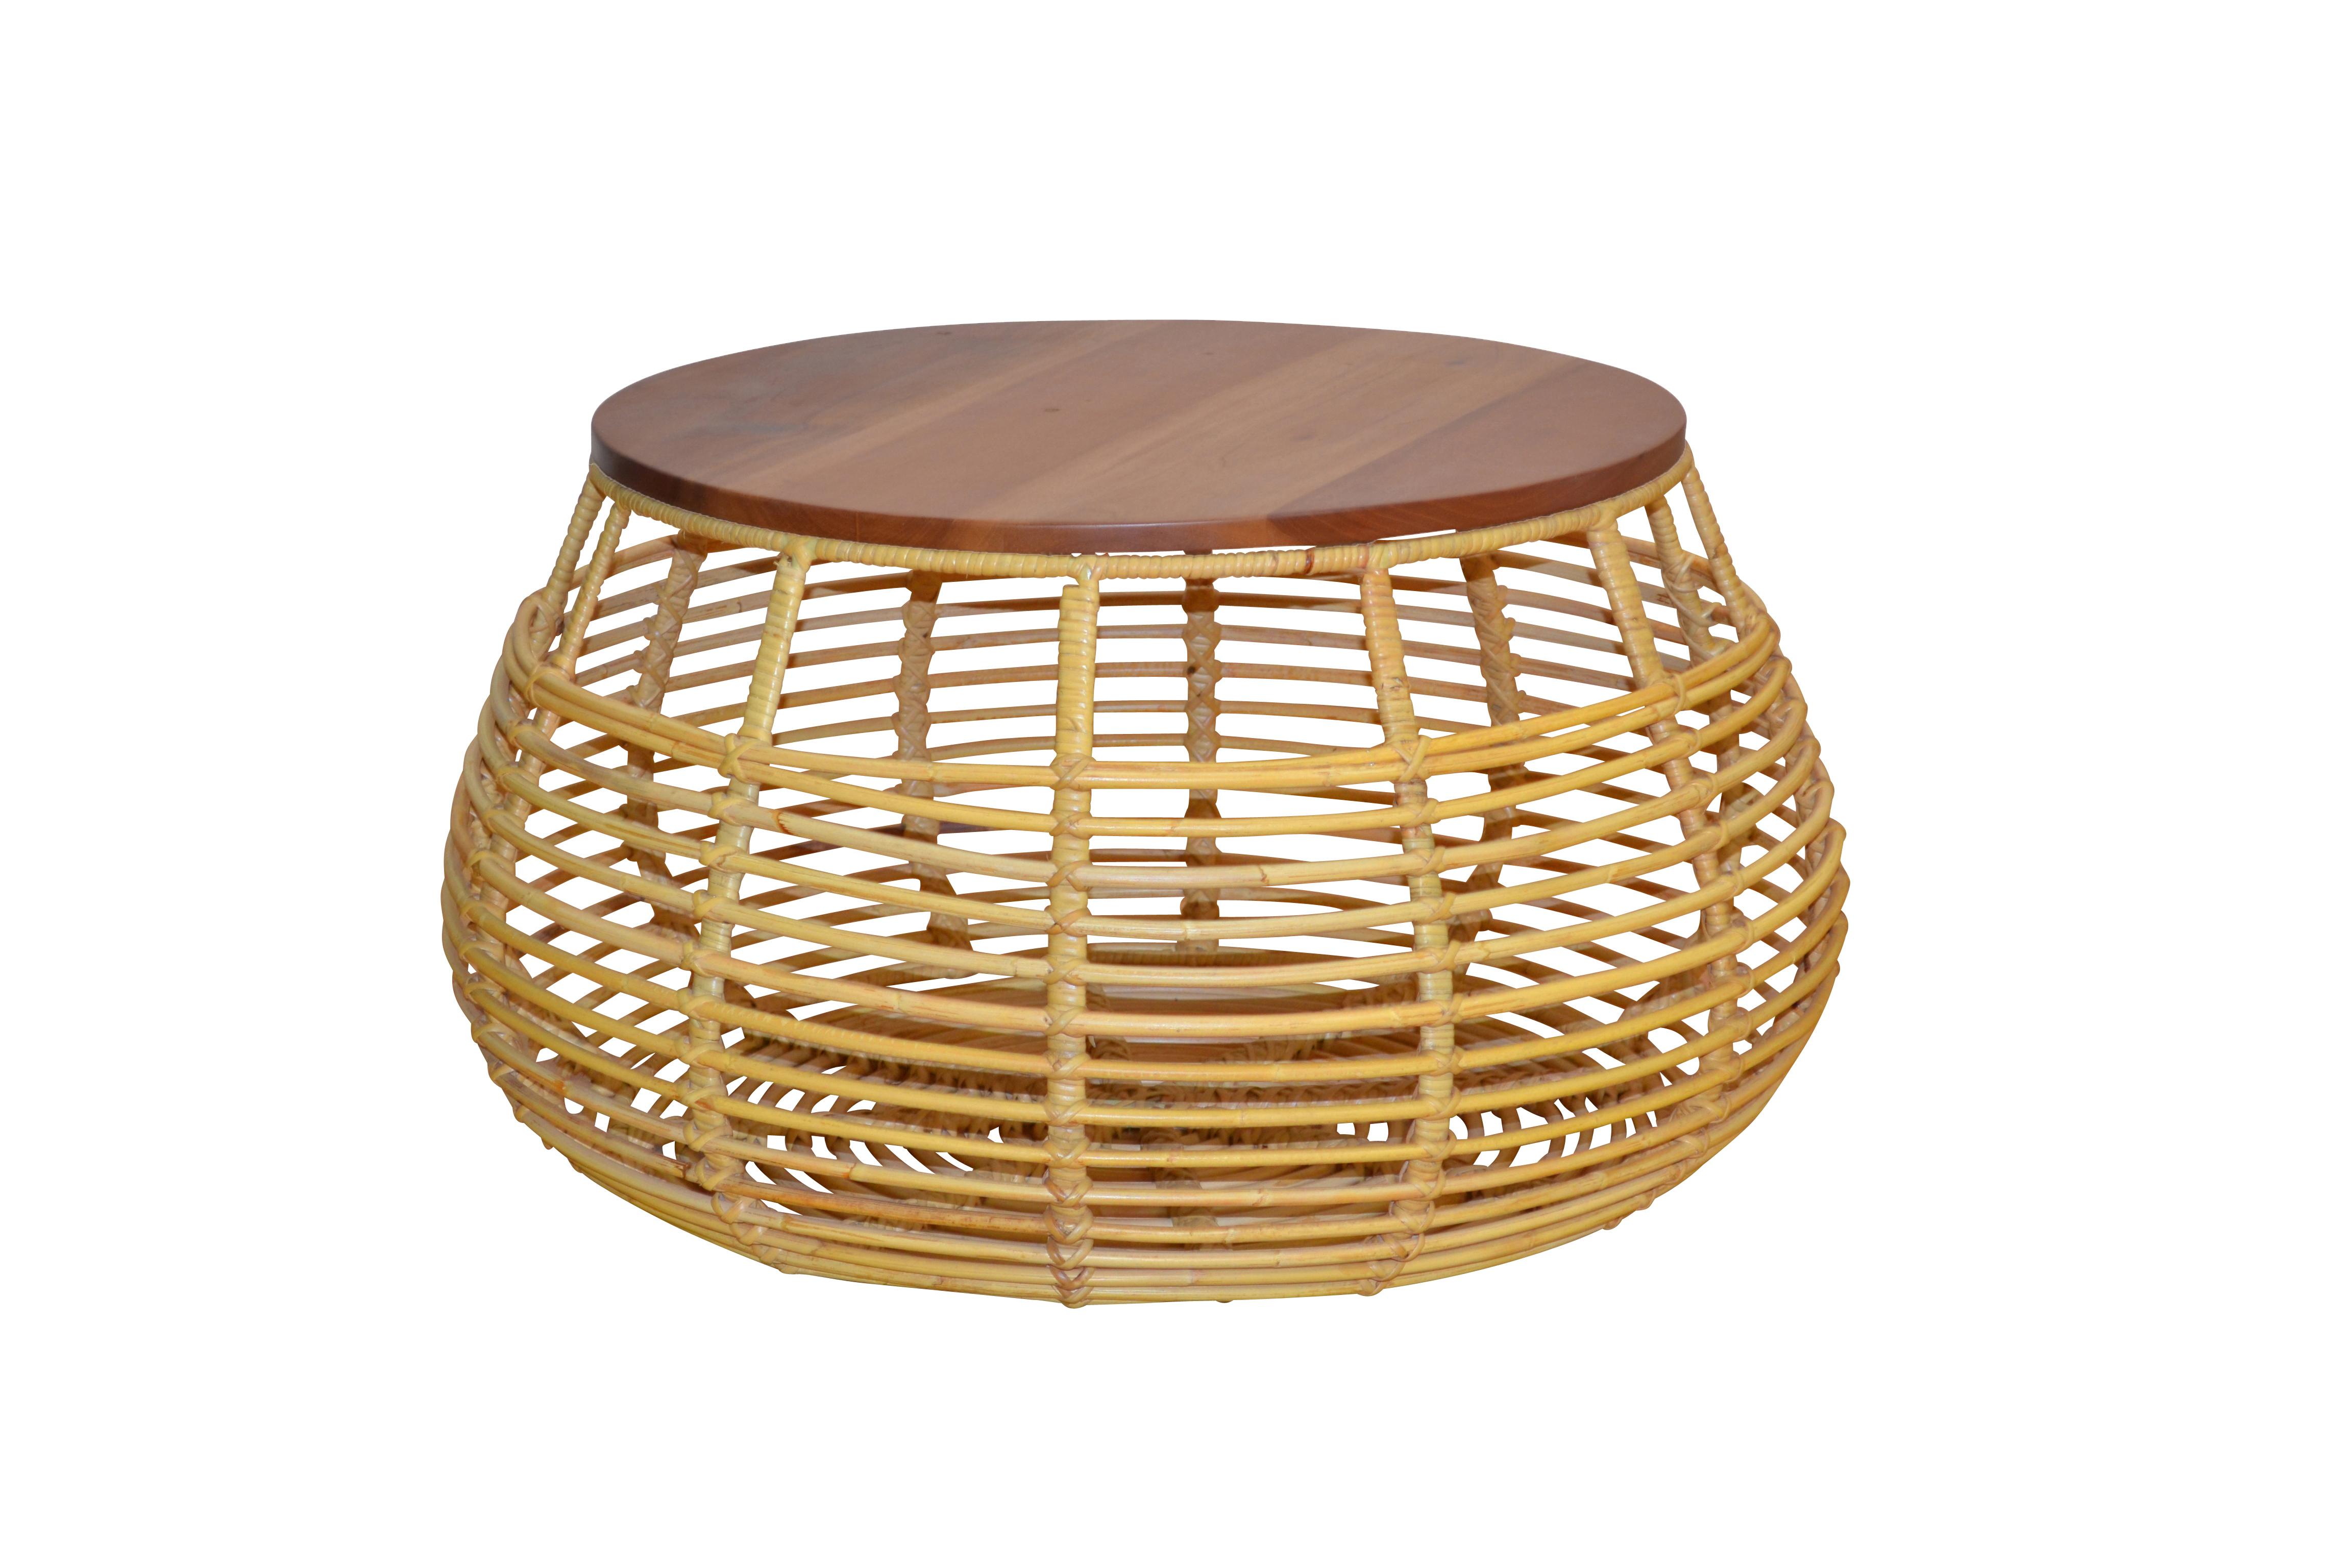 couchtisch aus kubu rattan beistelltisch wohnzimmertisch sofatisch tisch neu ebay. Black Bedroom Furniture Sets. Home Design Ideas